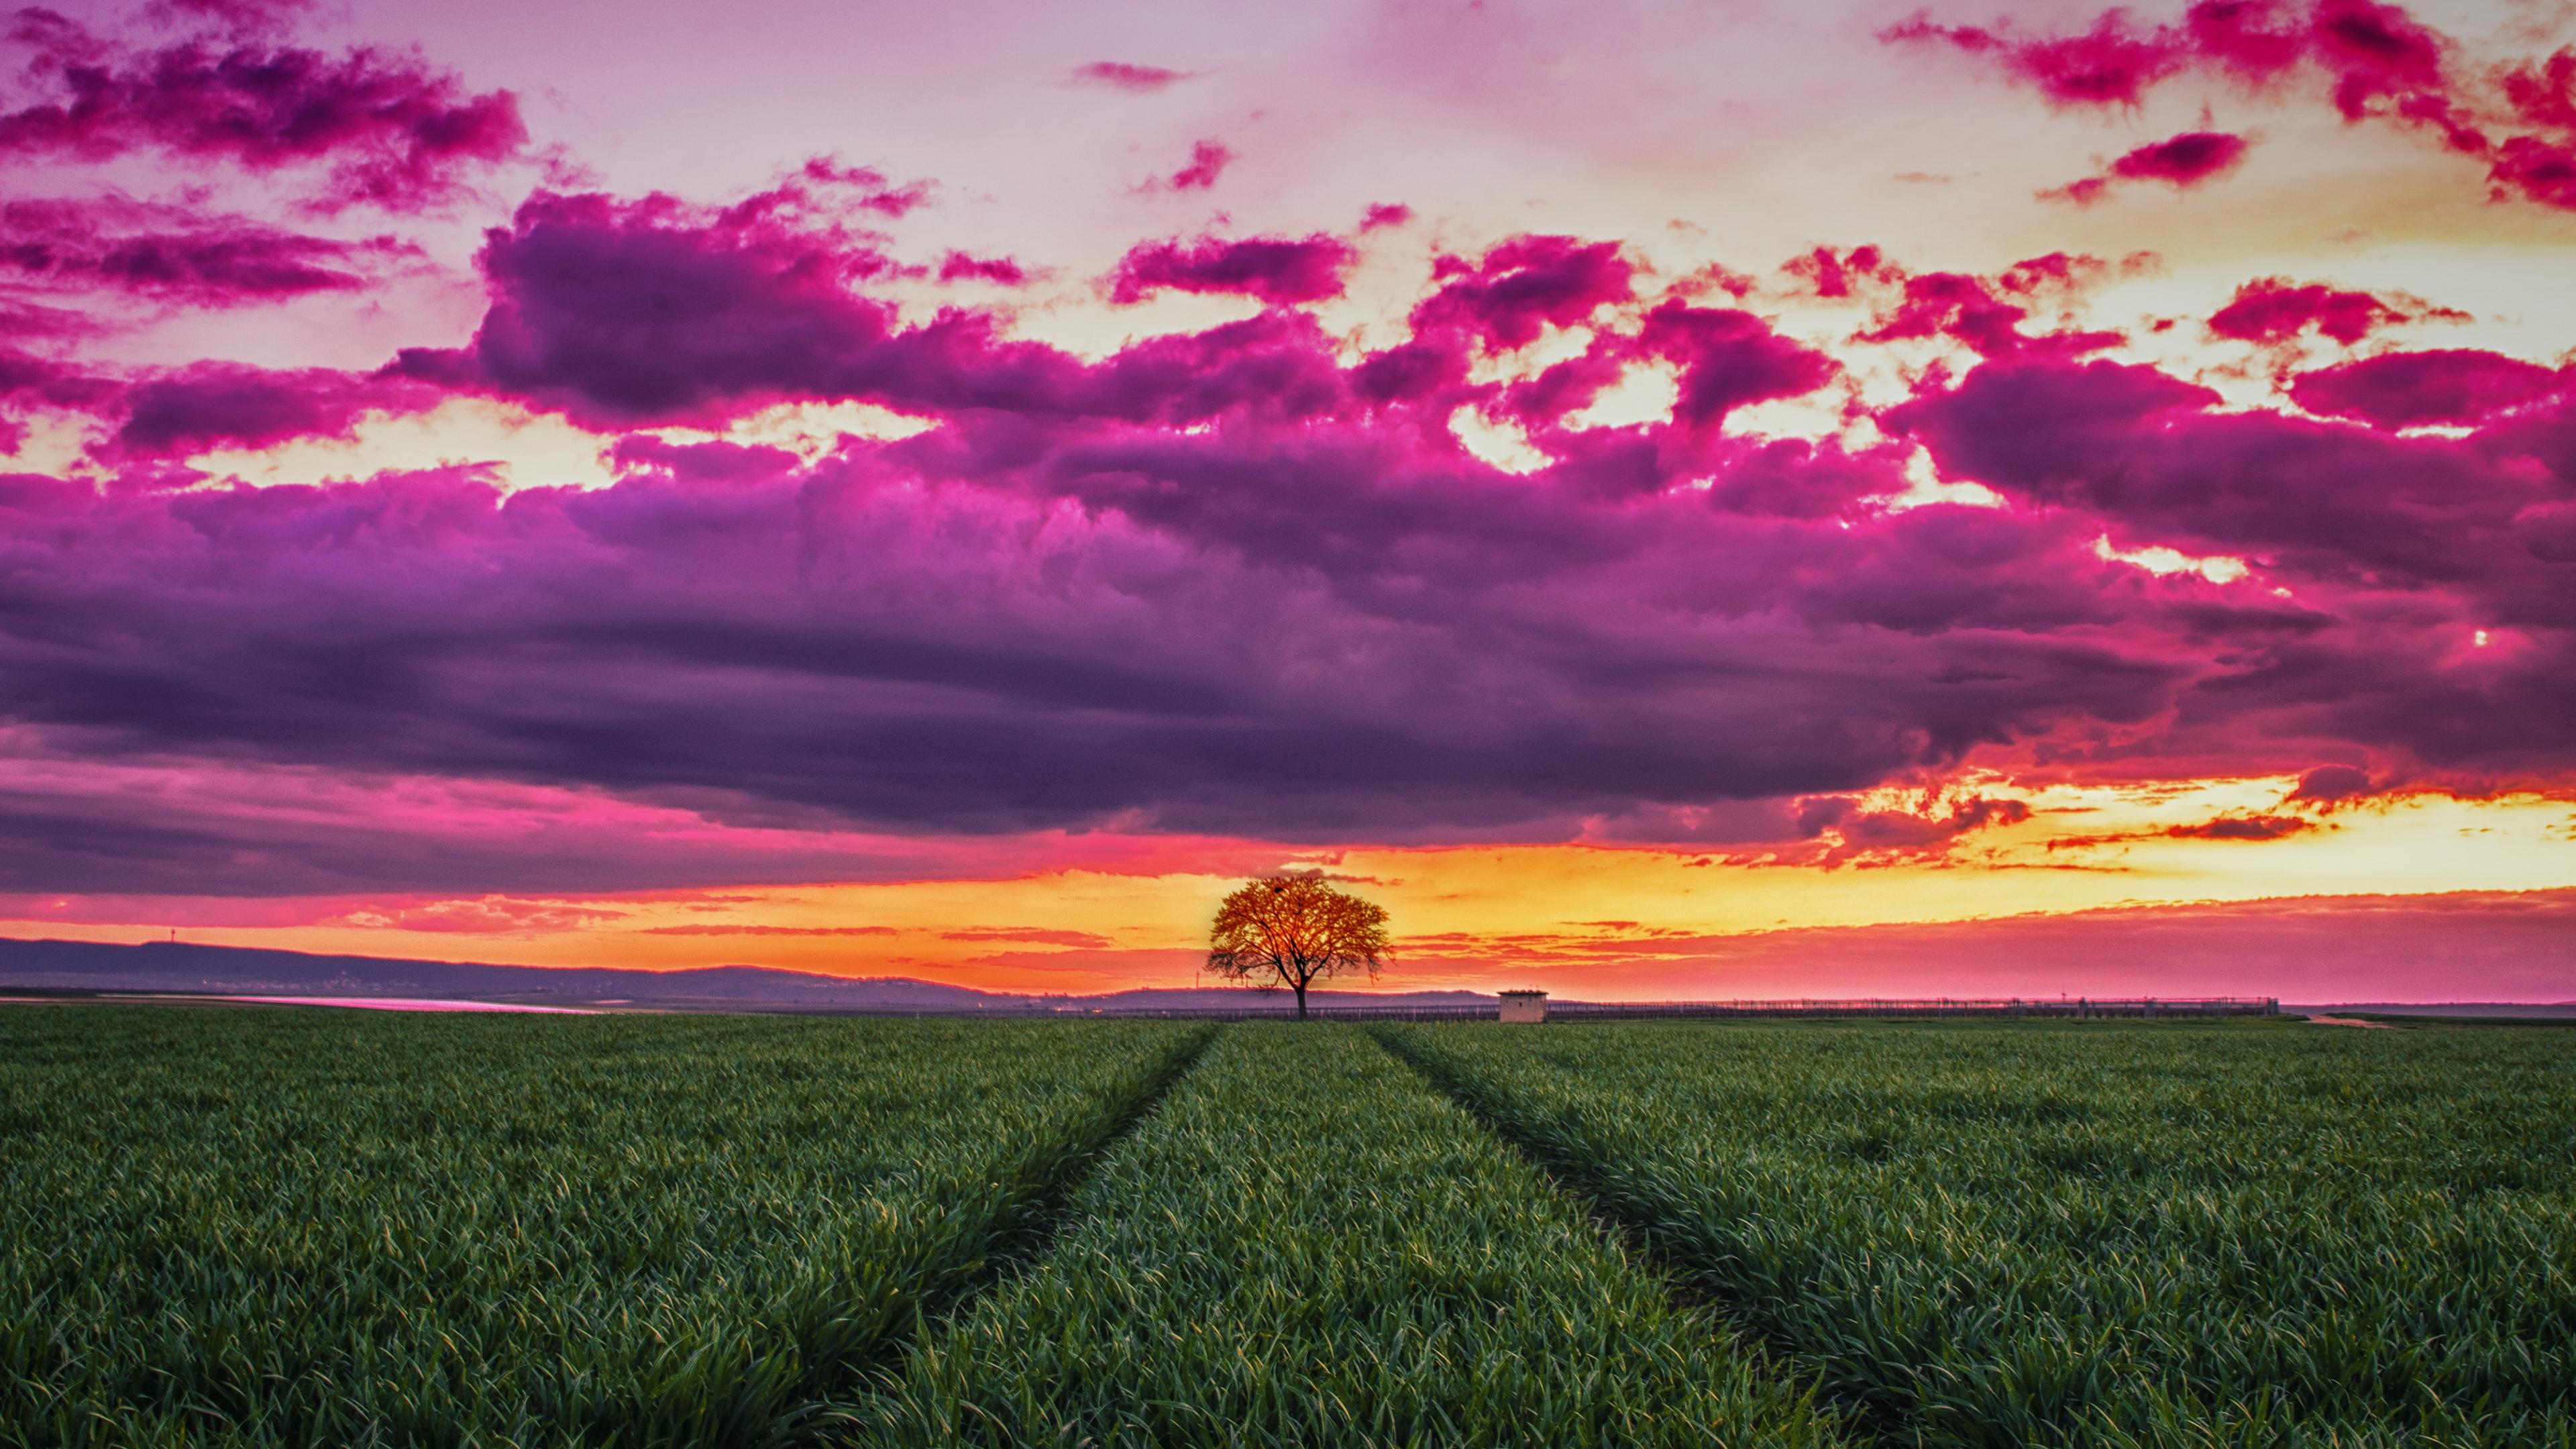 sunset horizon field tree grass clouds 4k 1541114605 - sunset, horizon, field, tree, grass, clouds 4k - sunset, Horizon, Field